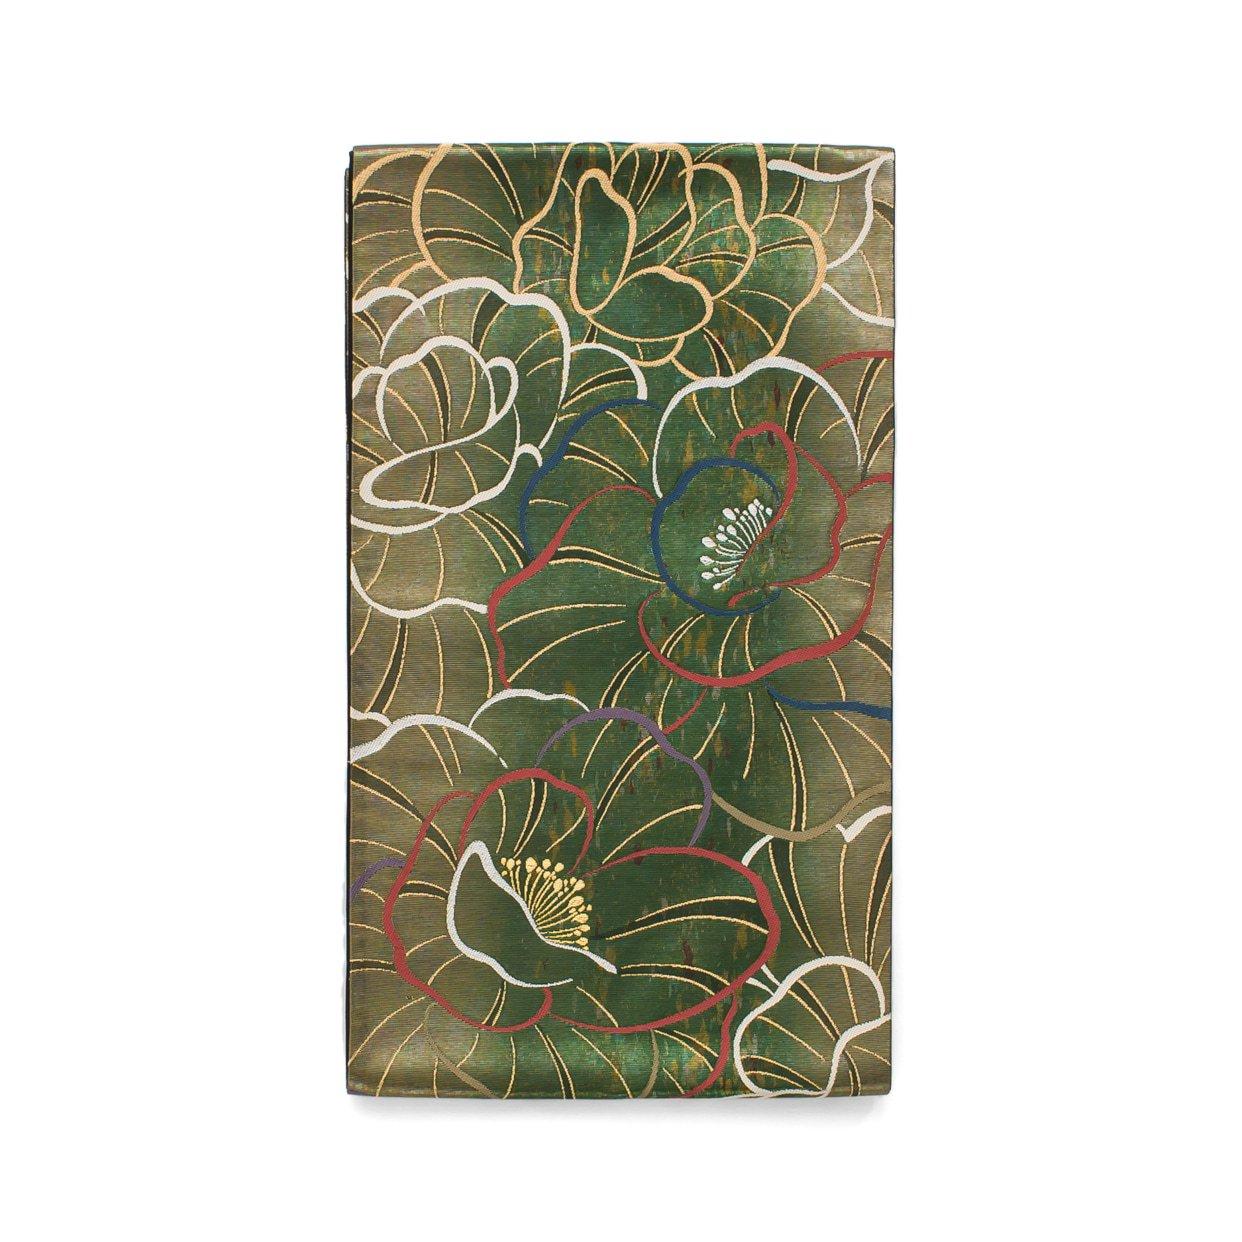 「袋帯●金緑地 大輪の花」の商品画像